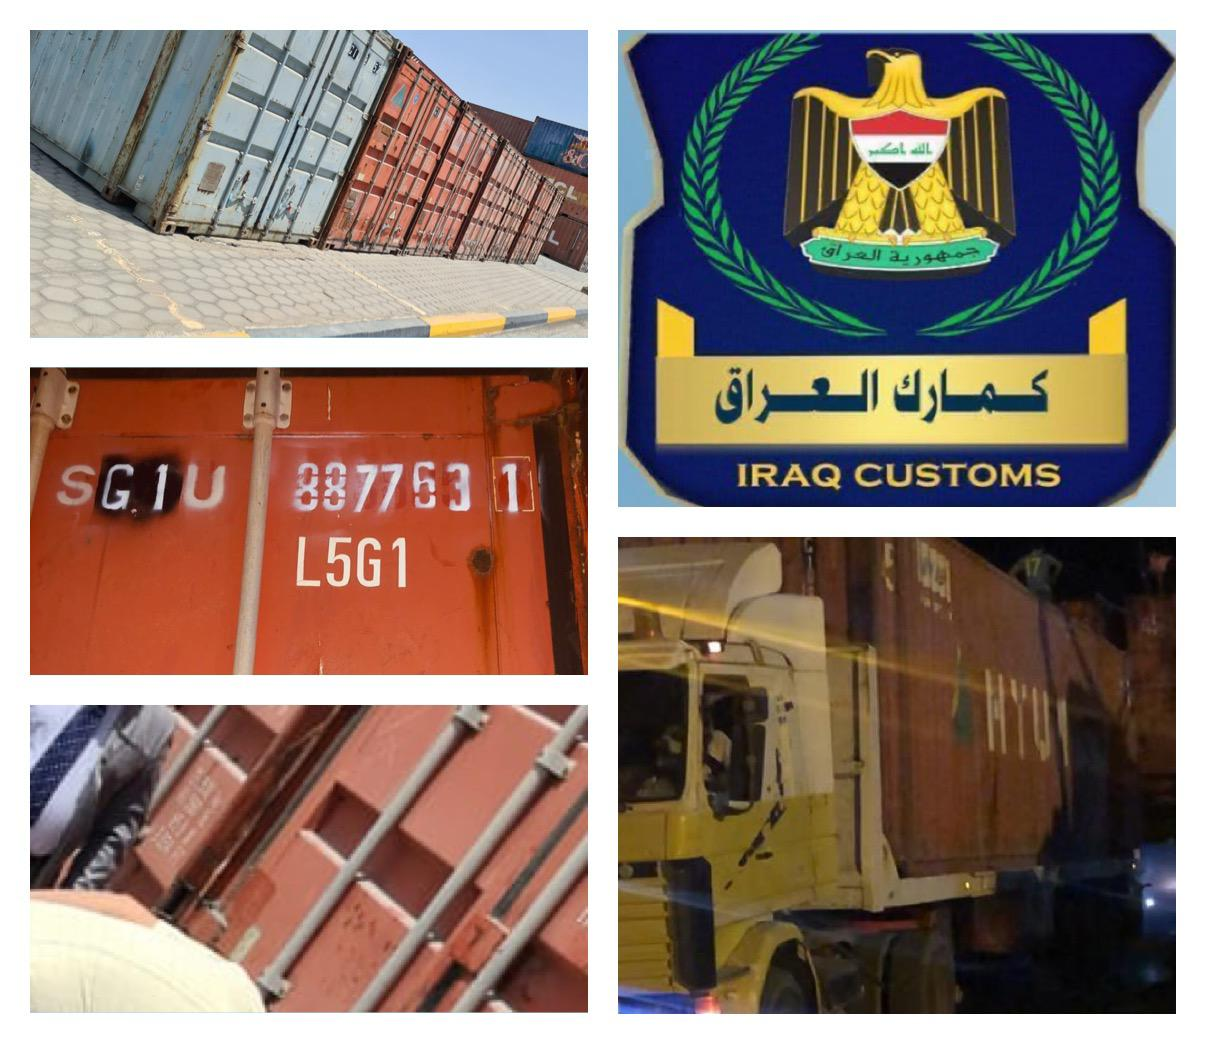 هيئةالكمارك …  اعادة اصدار  ٧ حاويات مخالفة  في مركز كمرك ميناء ابو فلوس